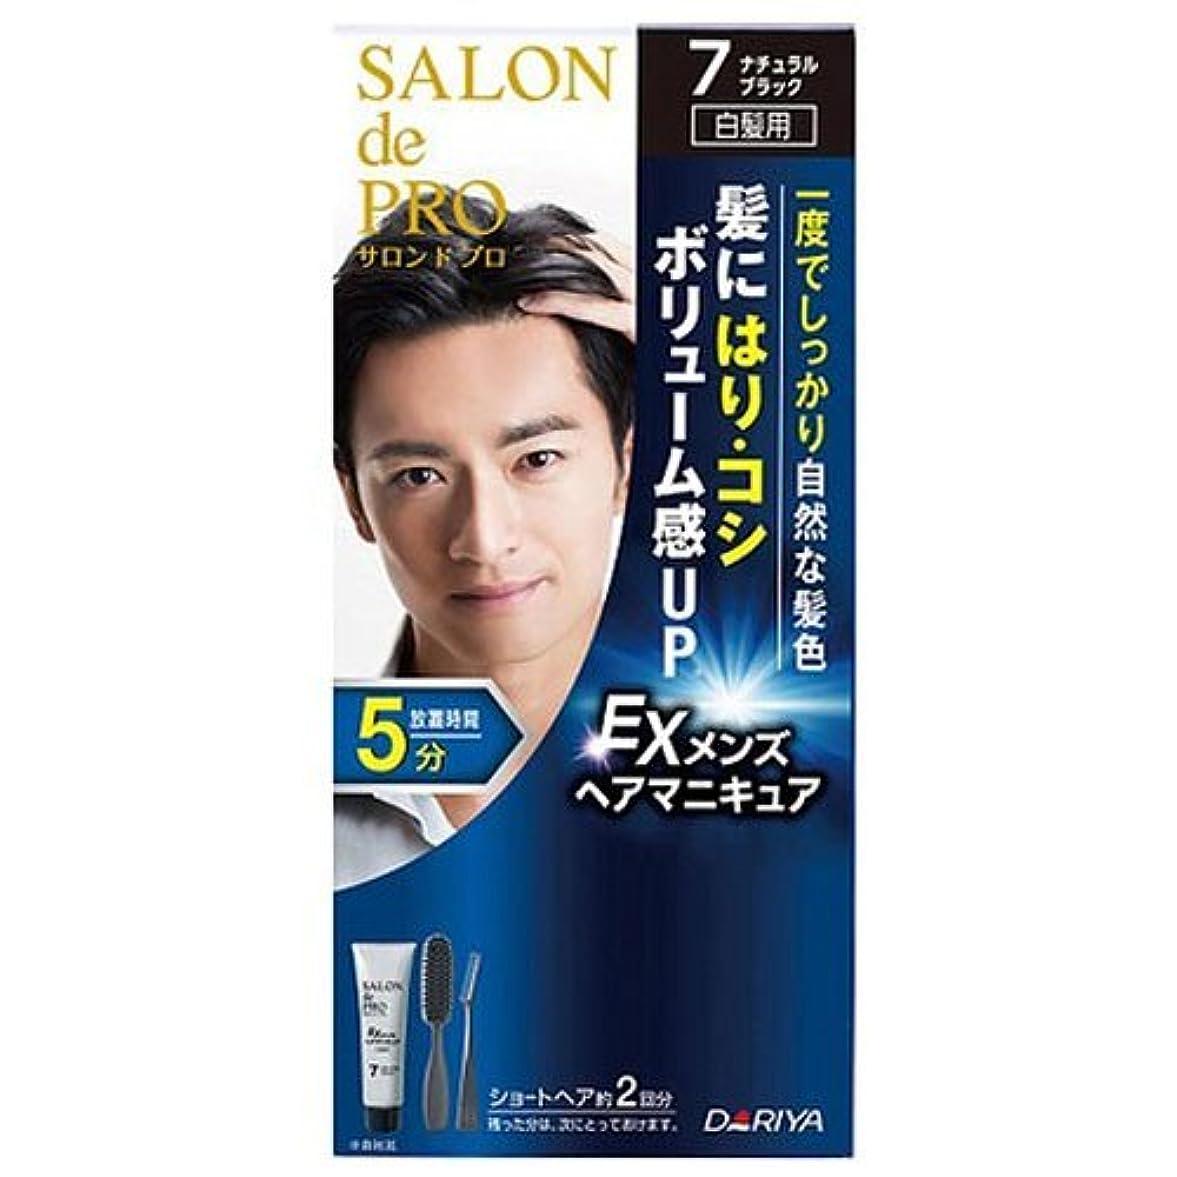 カラスアッティカスに対処するサロンドプロ EXメンズヘアマニキュア 白髪用 7 ナチュラルブラック